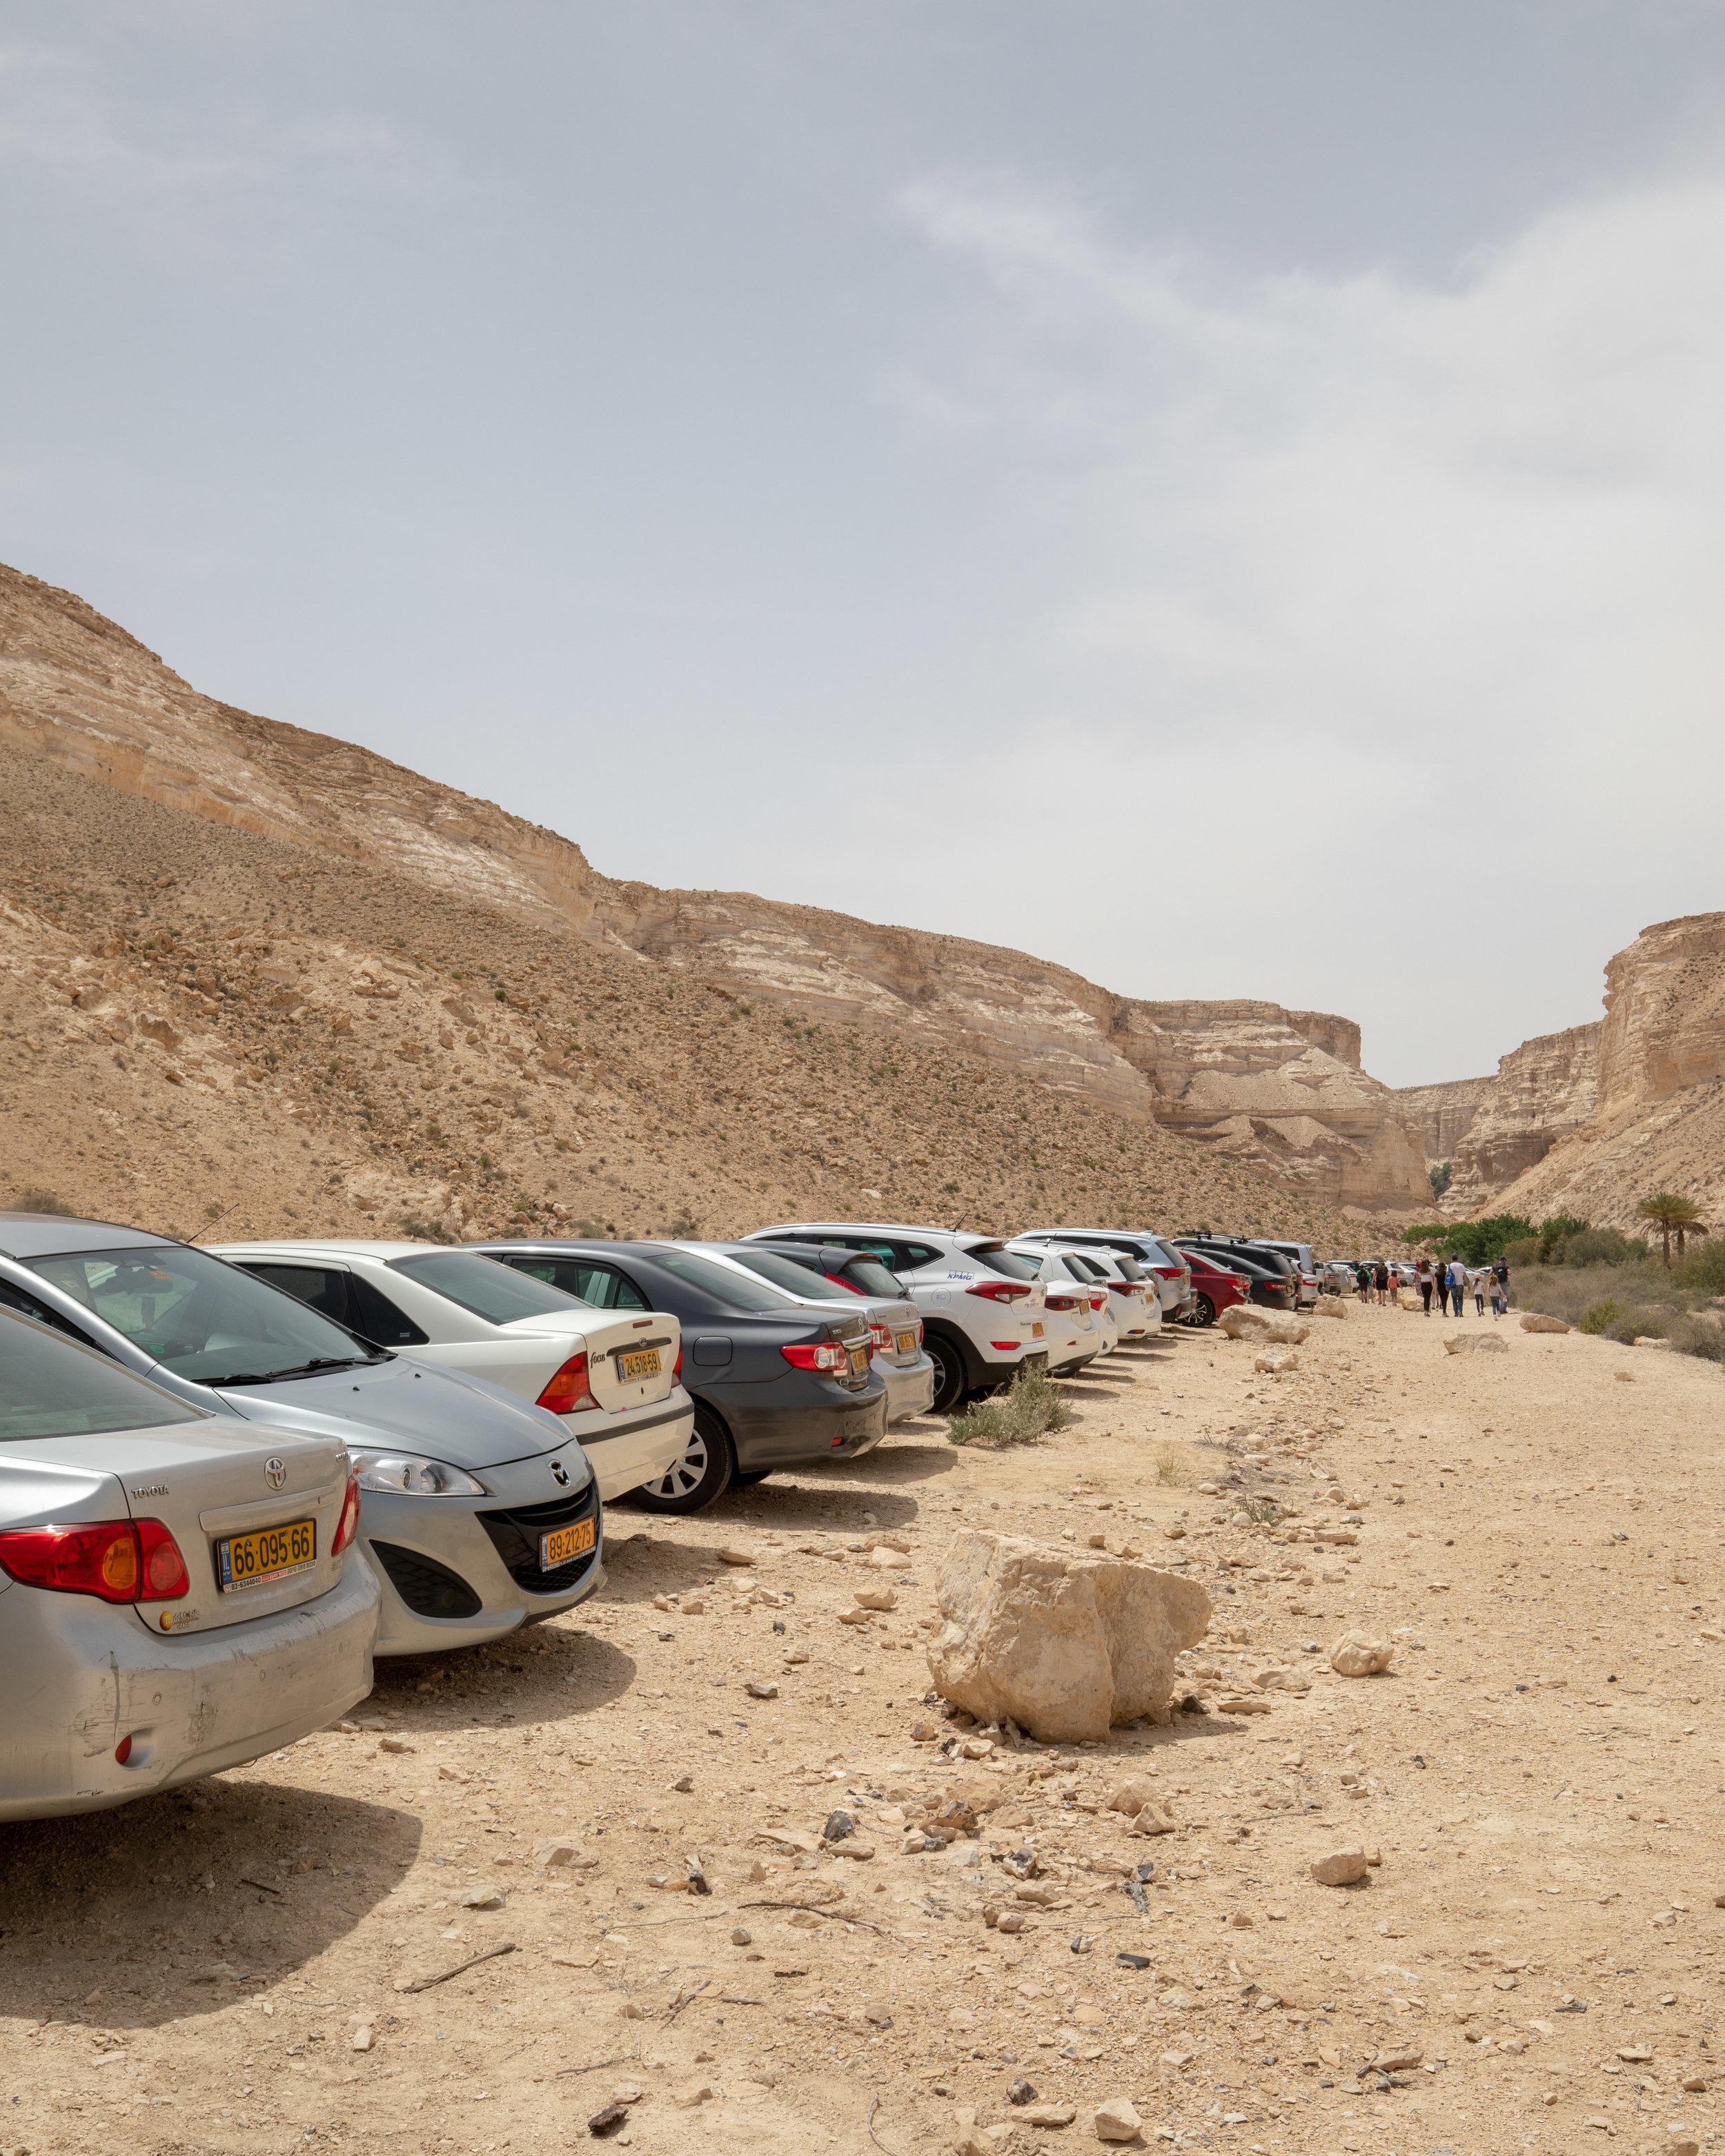 Parking in Israel